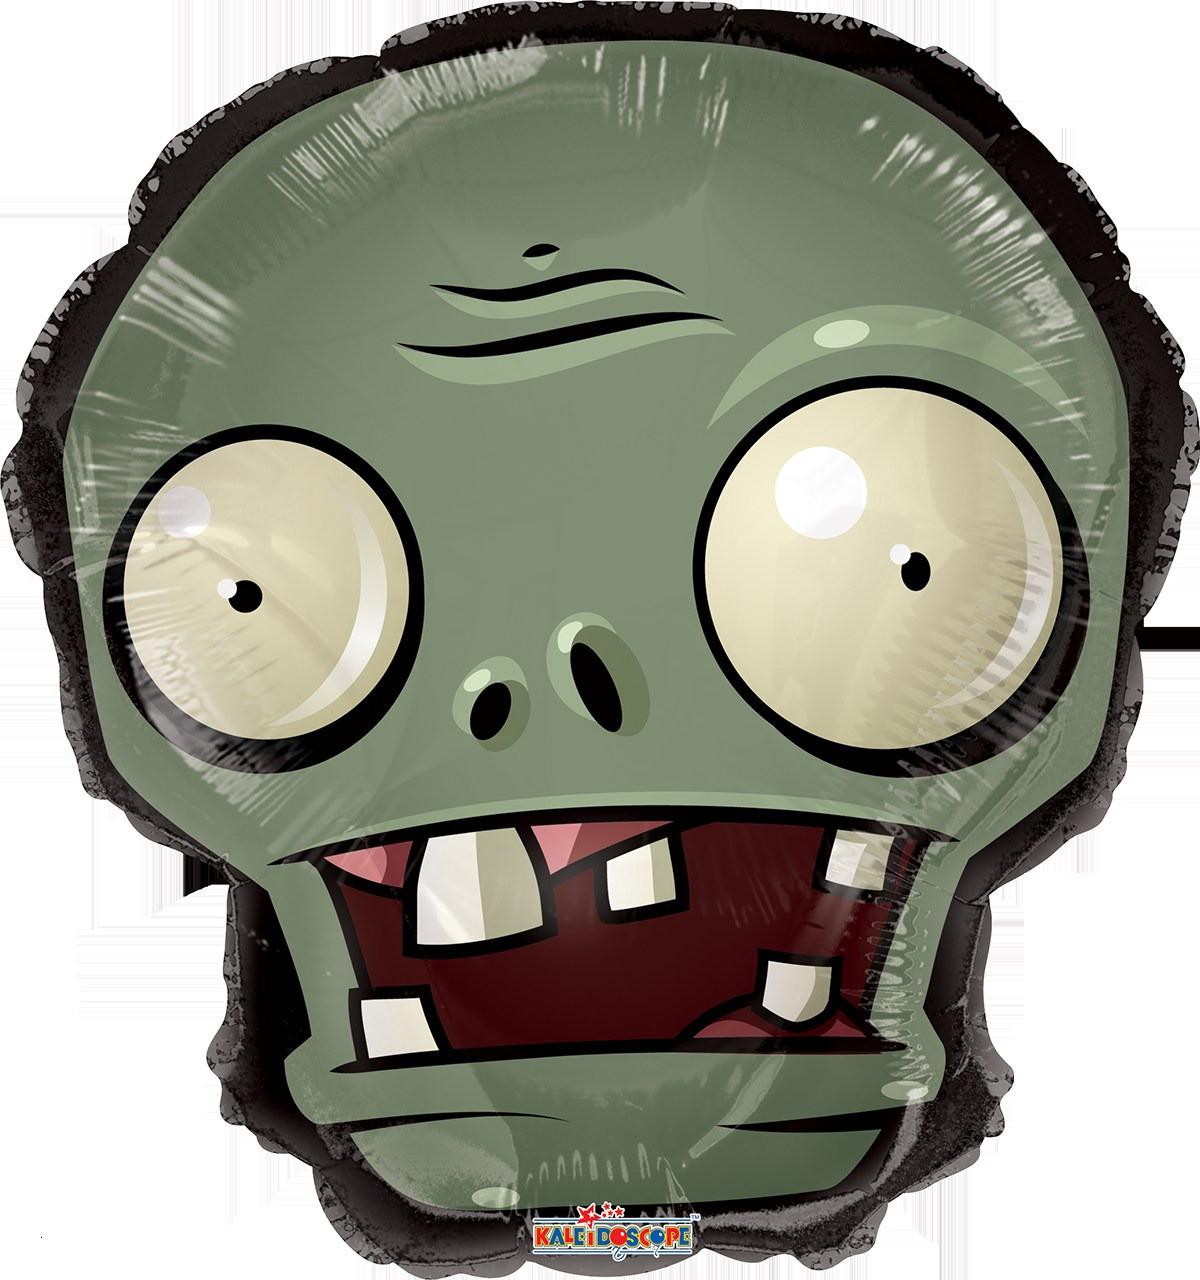 Plants Vs Zombies Ausmalbilder Frisch 37 Ausmalbilder Zum Ausdrucken Traktor Scoredatscore Schön Bilder